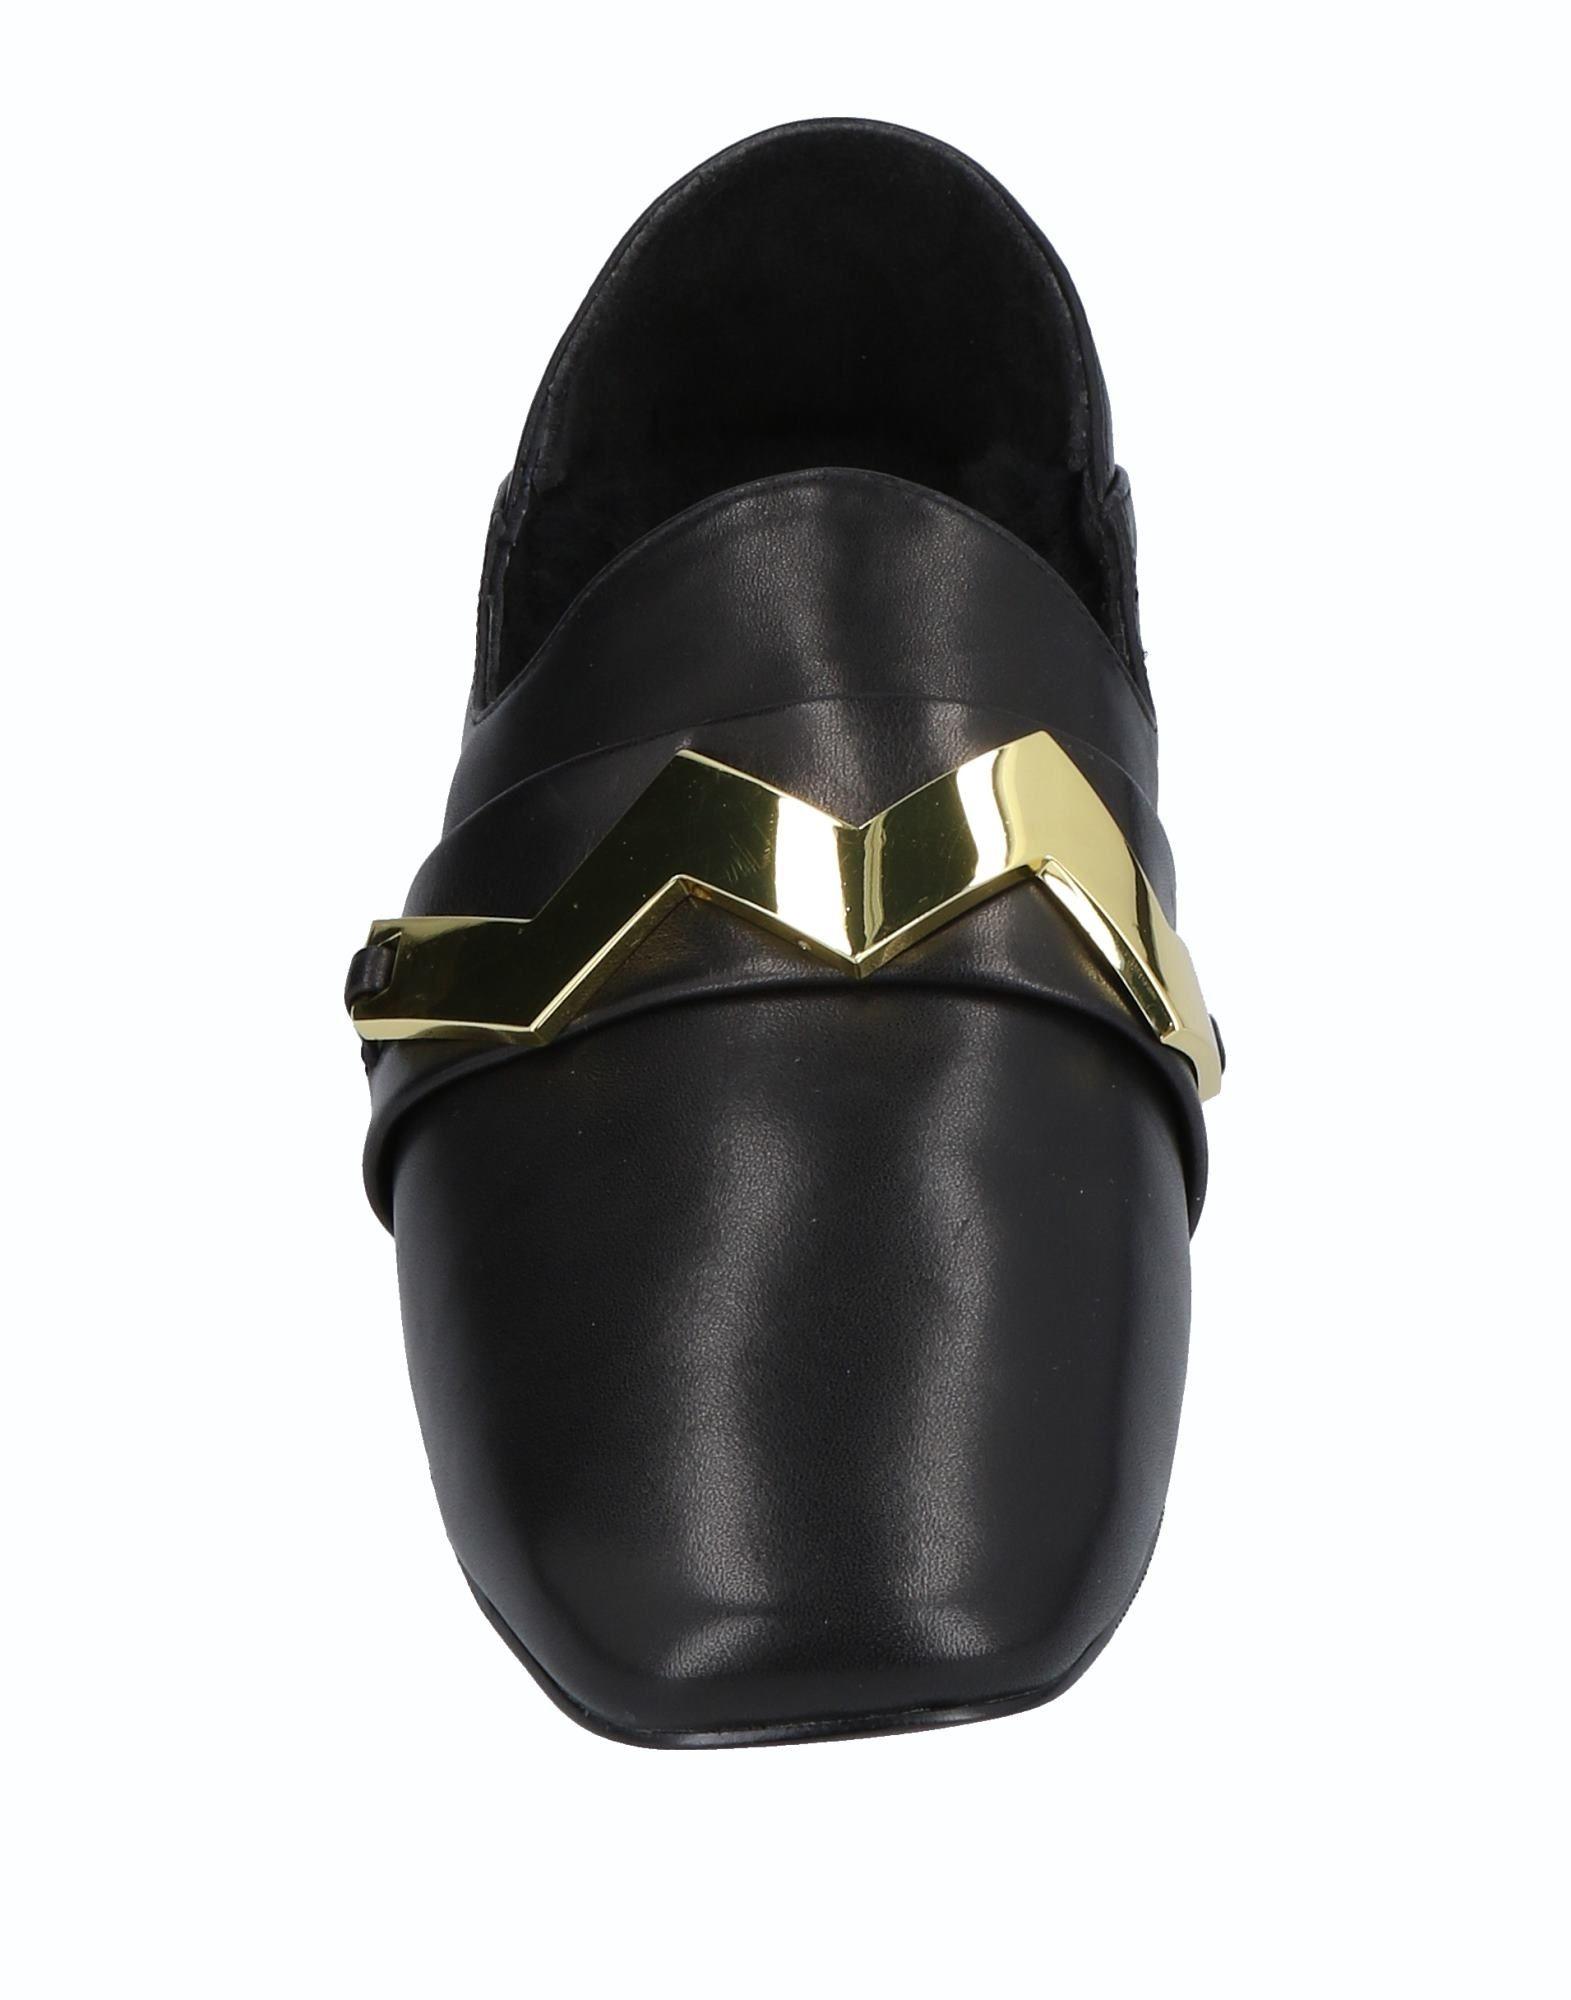 Stilvolle billige Schuhe Kat Maconie 11501397AT Mokassins Damen  11501397AT Maconie 6f3355